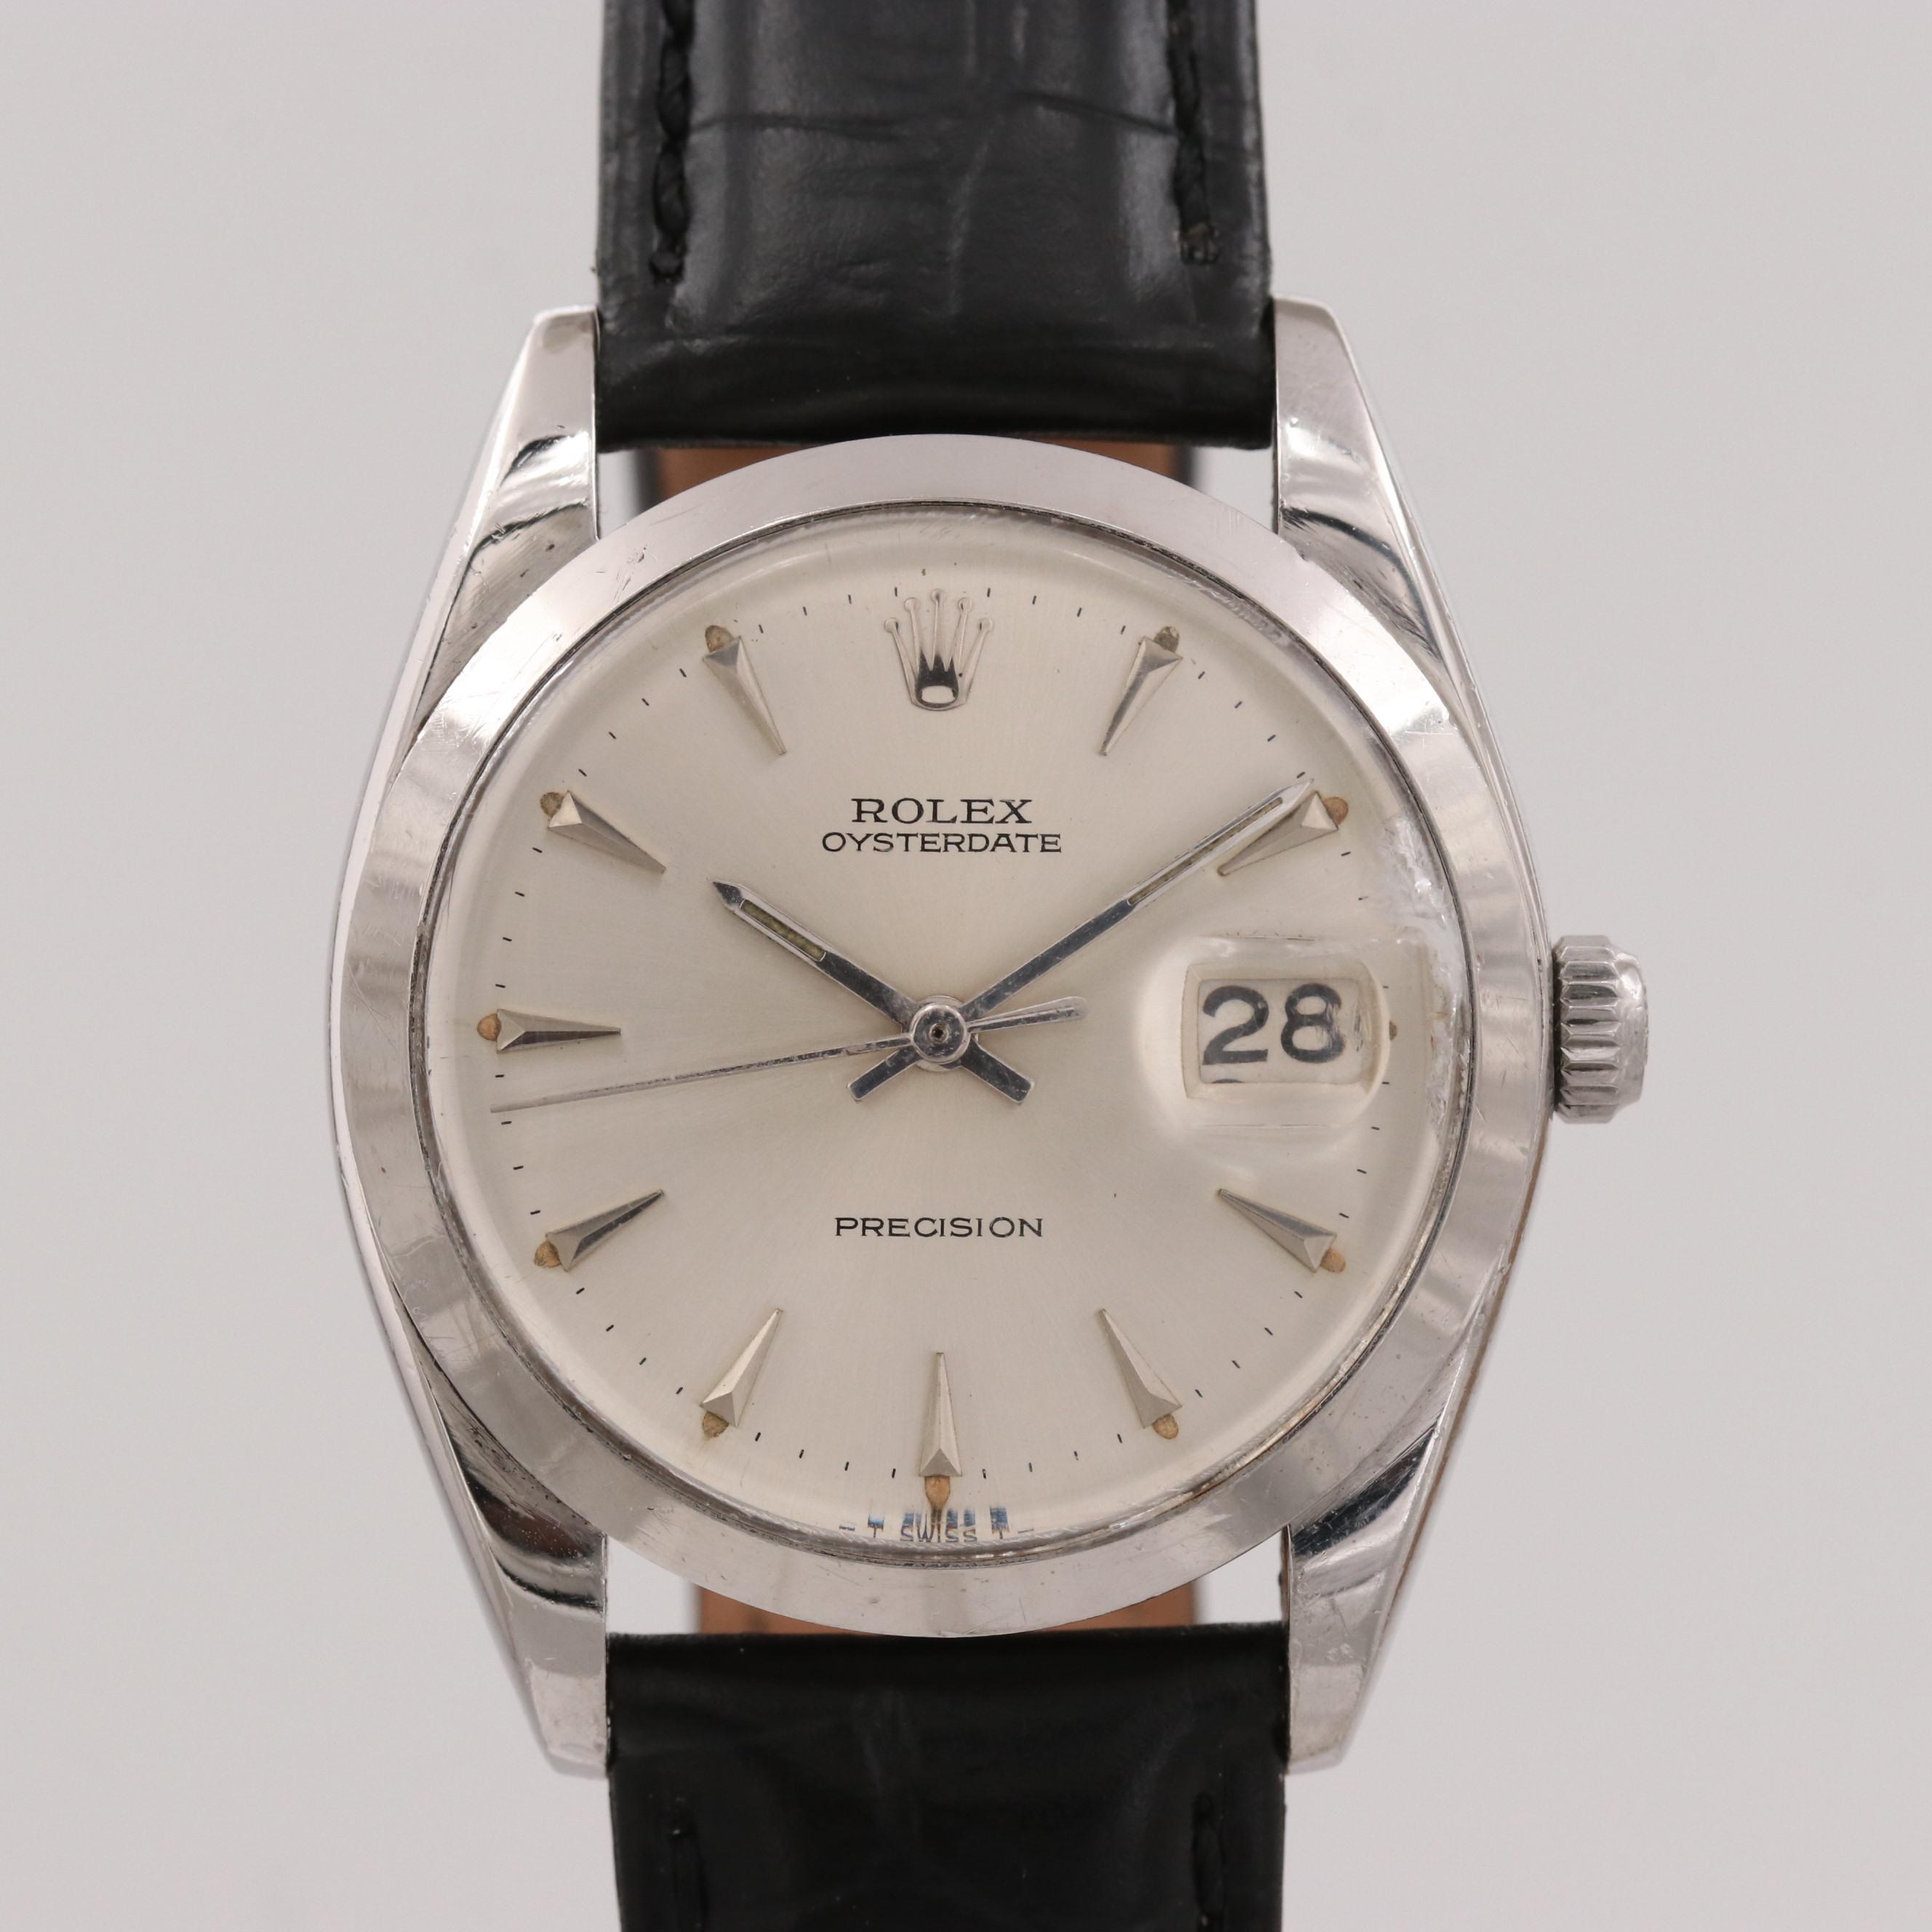 Vintage Rolex Oysterdate Stainless Steel Stem Wind Wristwatch, 1965